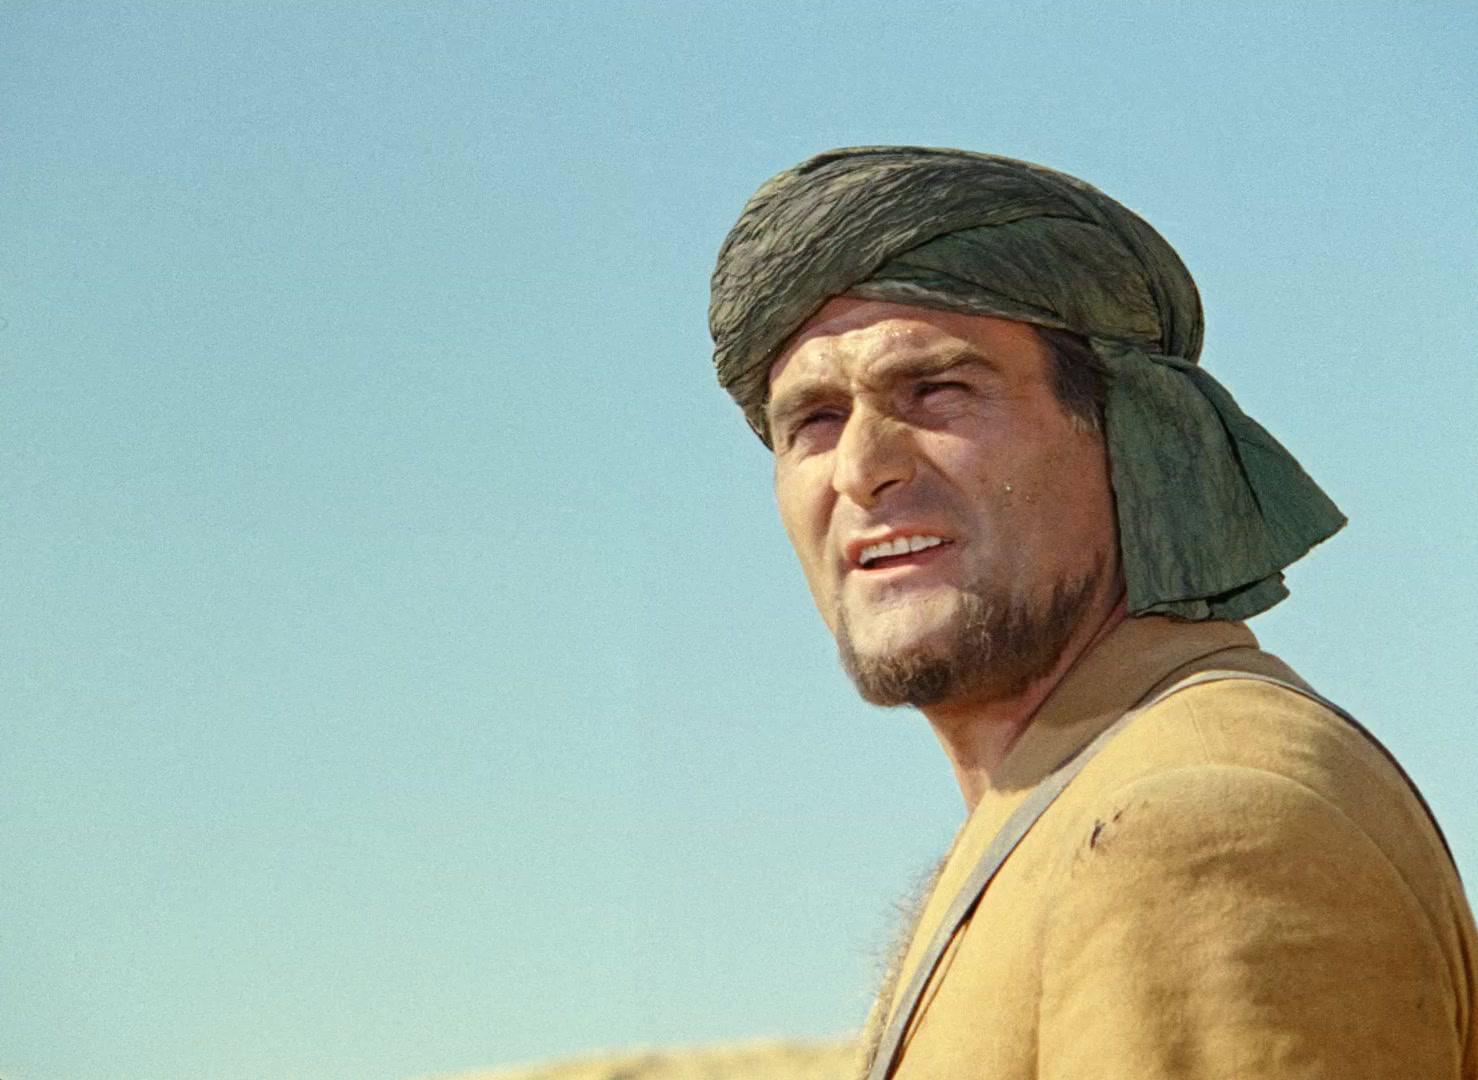 White.Sun.Of.The.Desert.1969.1080p.Blu-Ray.FLAC.DTS.mkv_20140324_085031.811.jpg